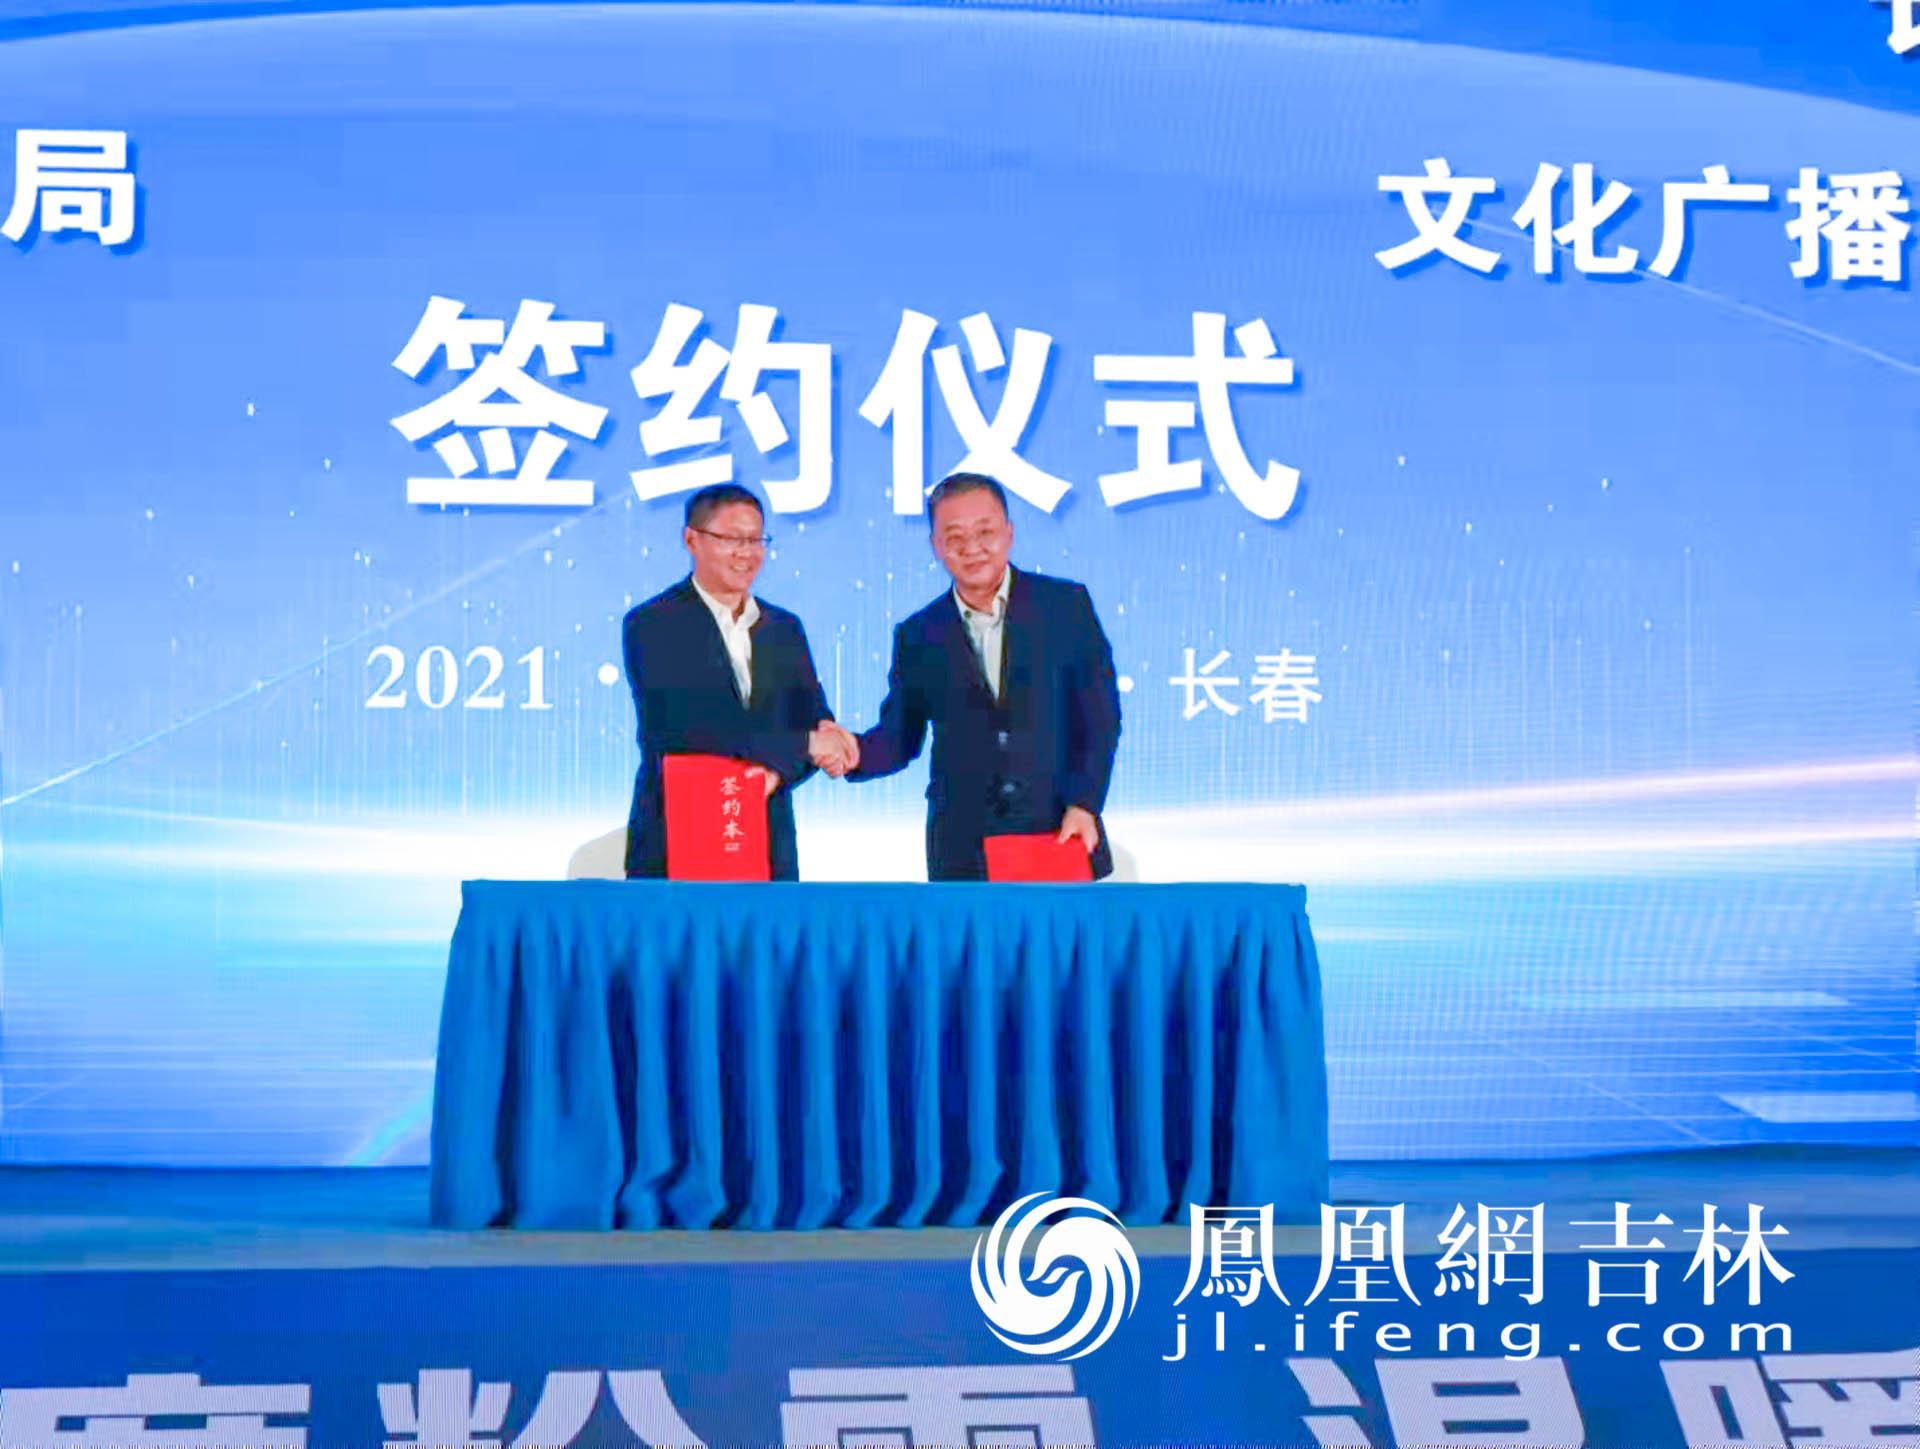 长白山旅游文体局与长春市文广旅局战略合作签约。